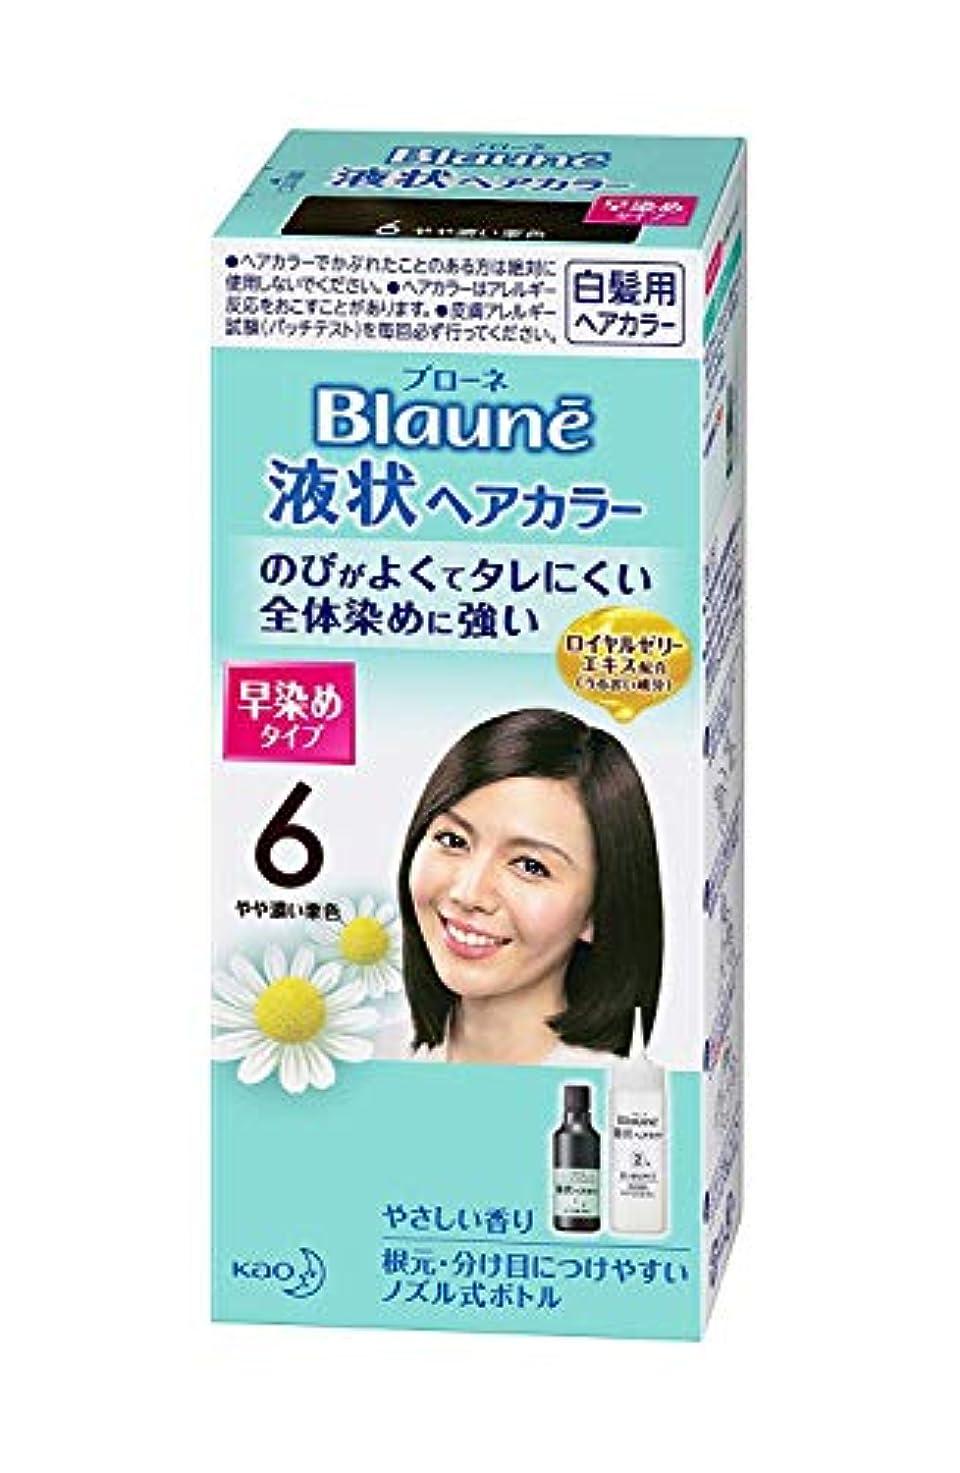 【花王】ブローネ 液状ヘアカラー 6やや濃い栗色 ×5個セット